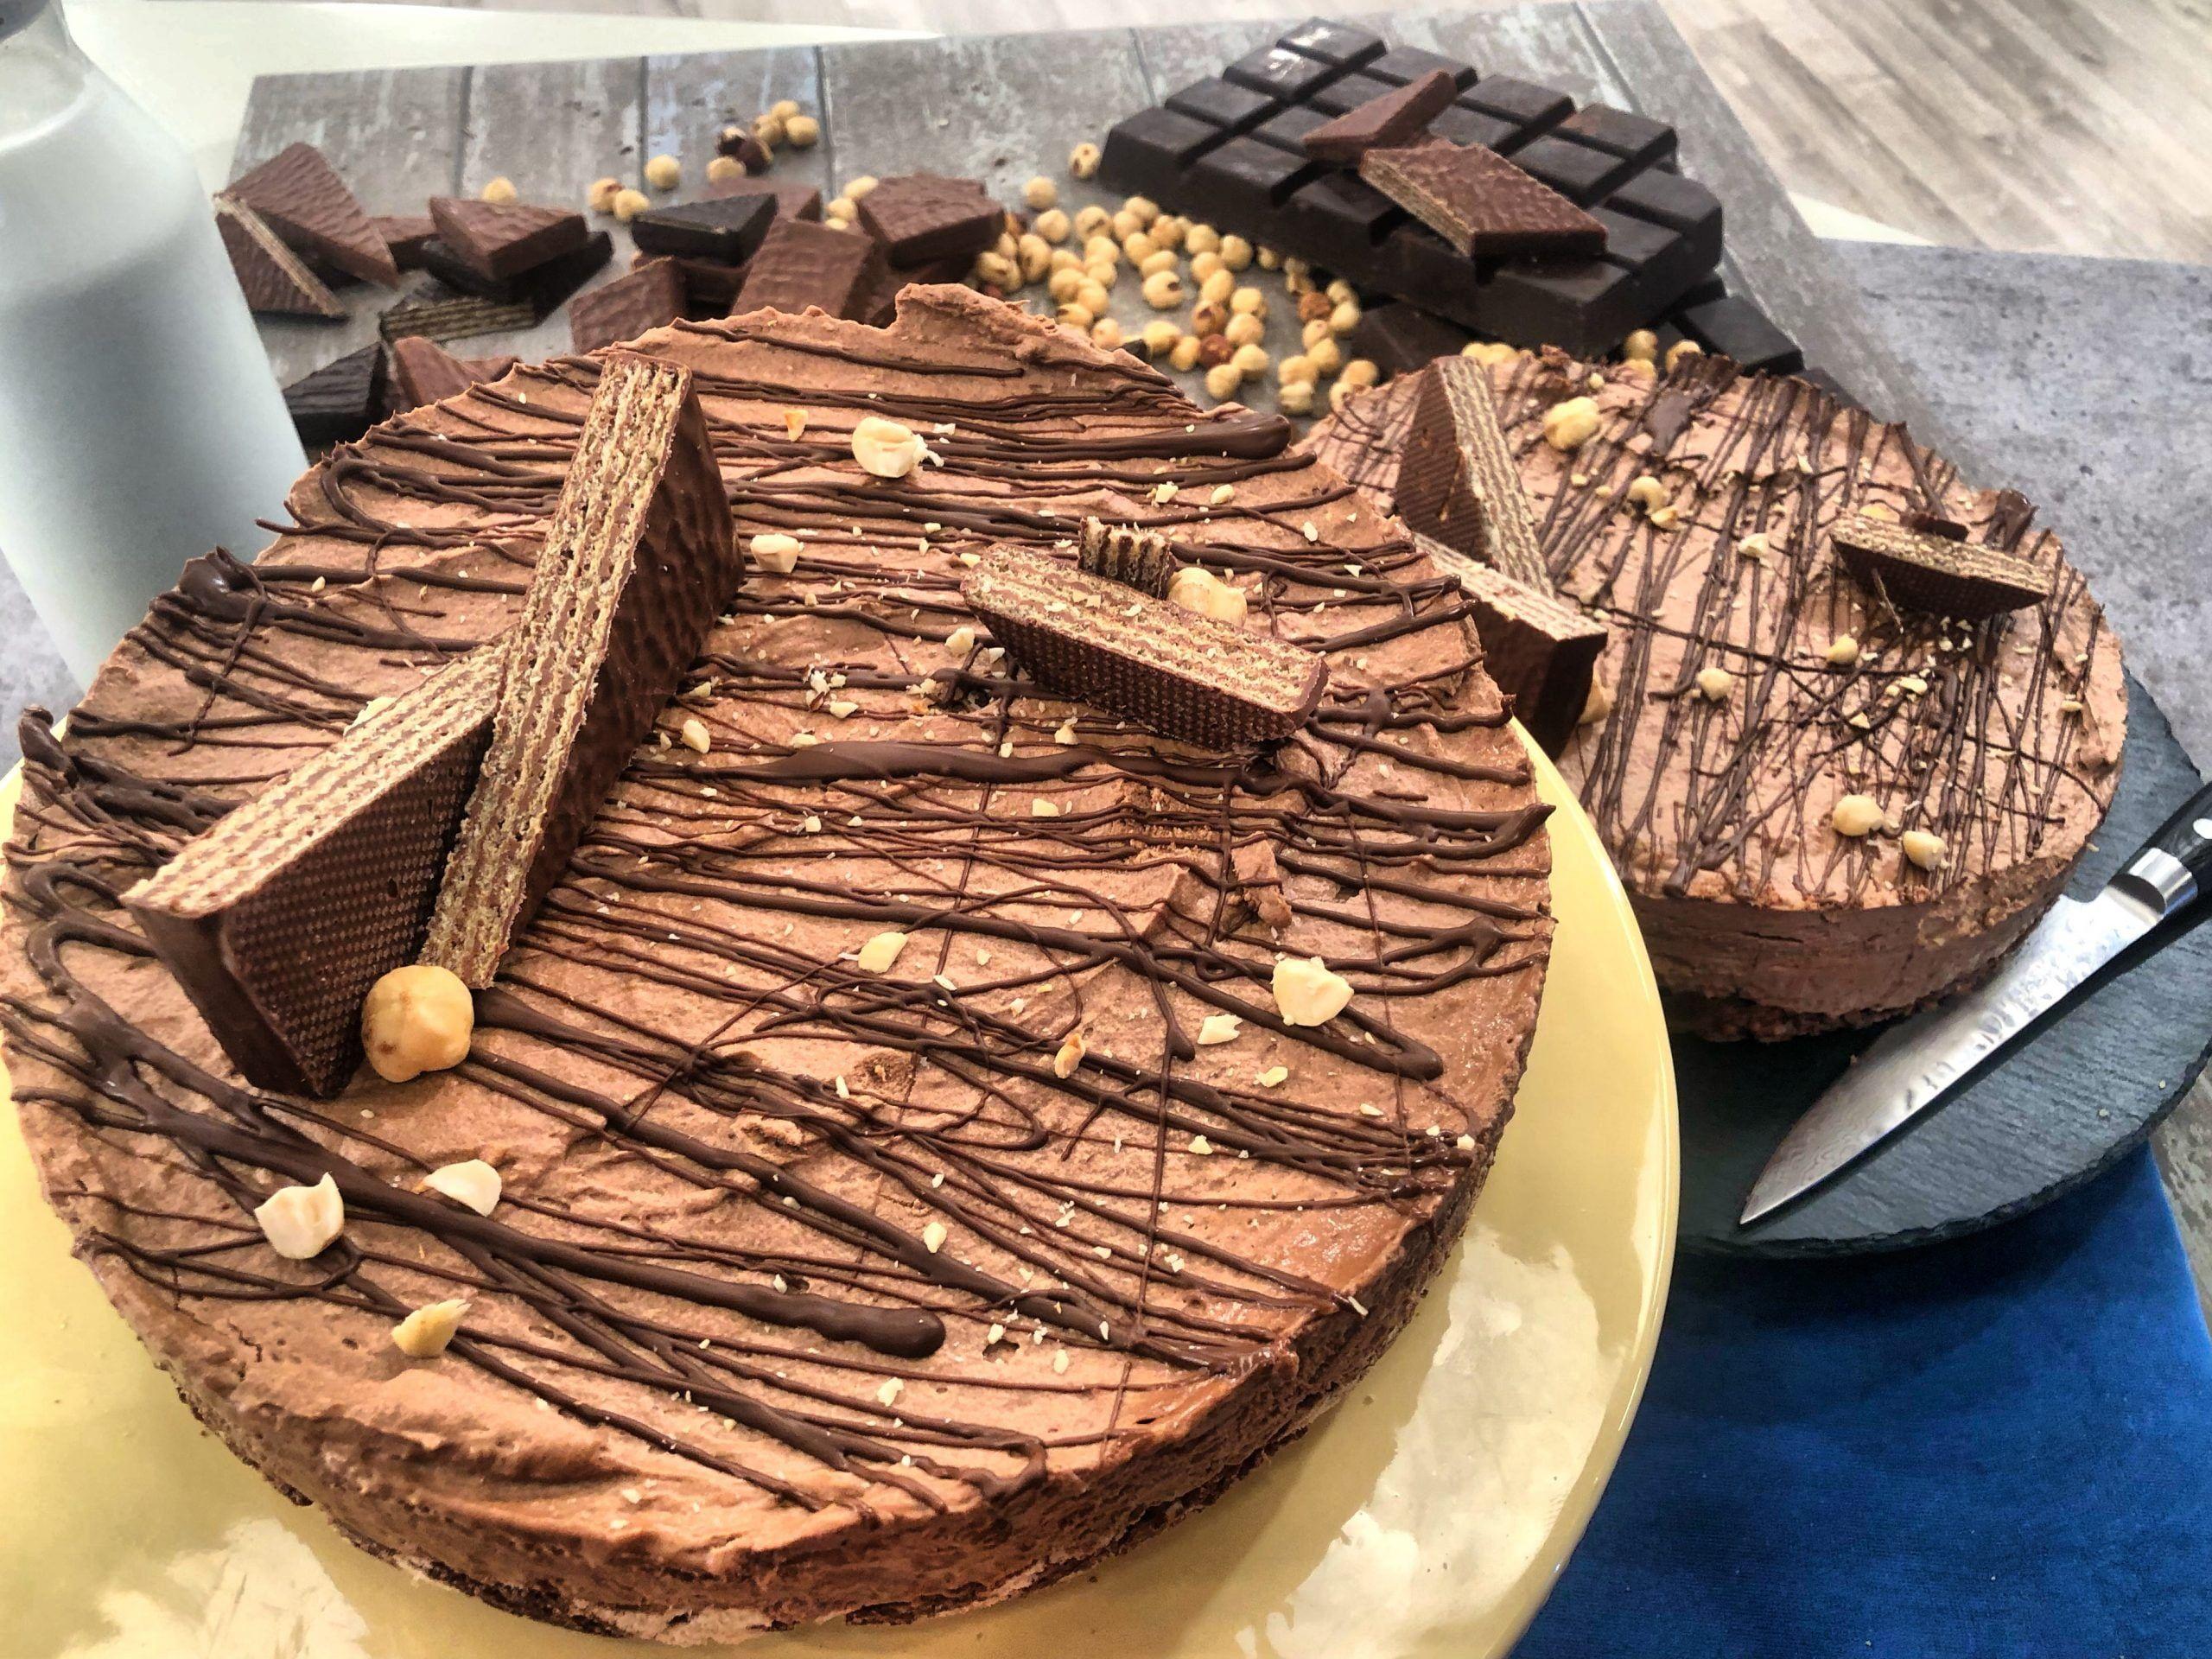 τούρτα με γκοφρέτες